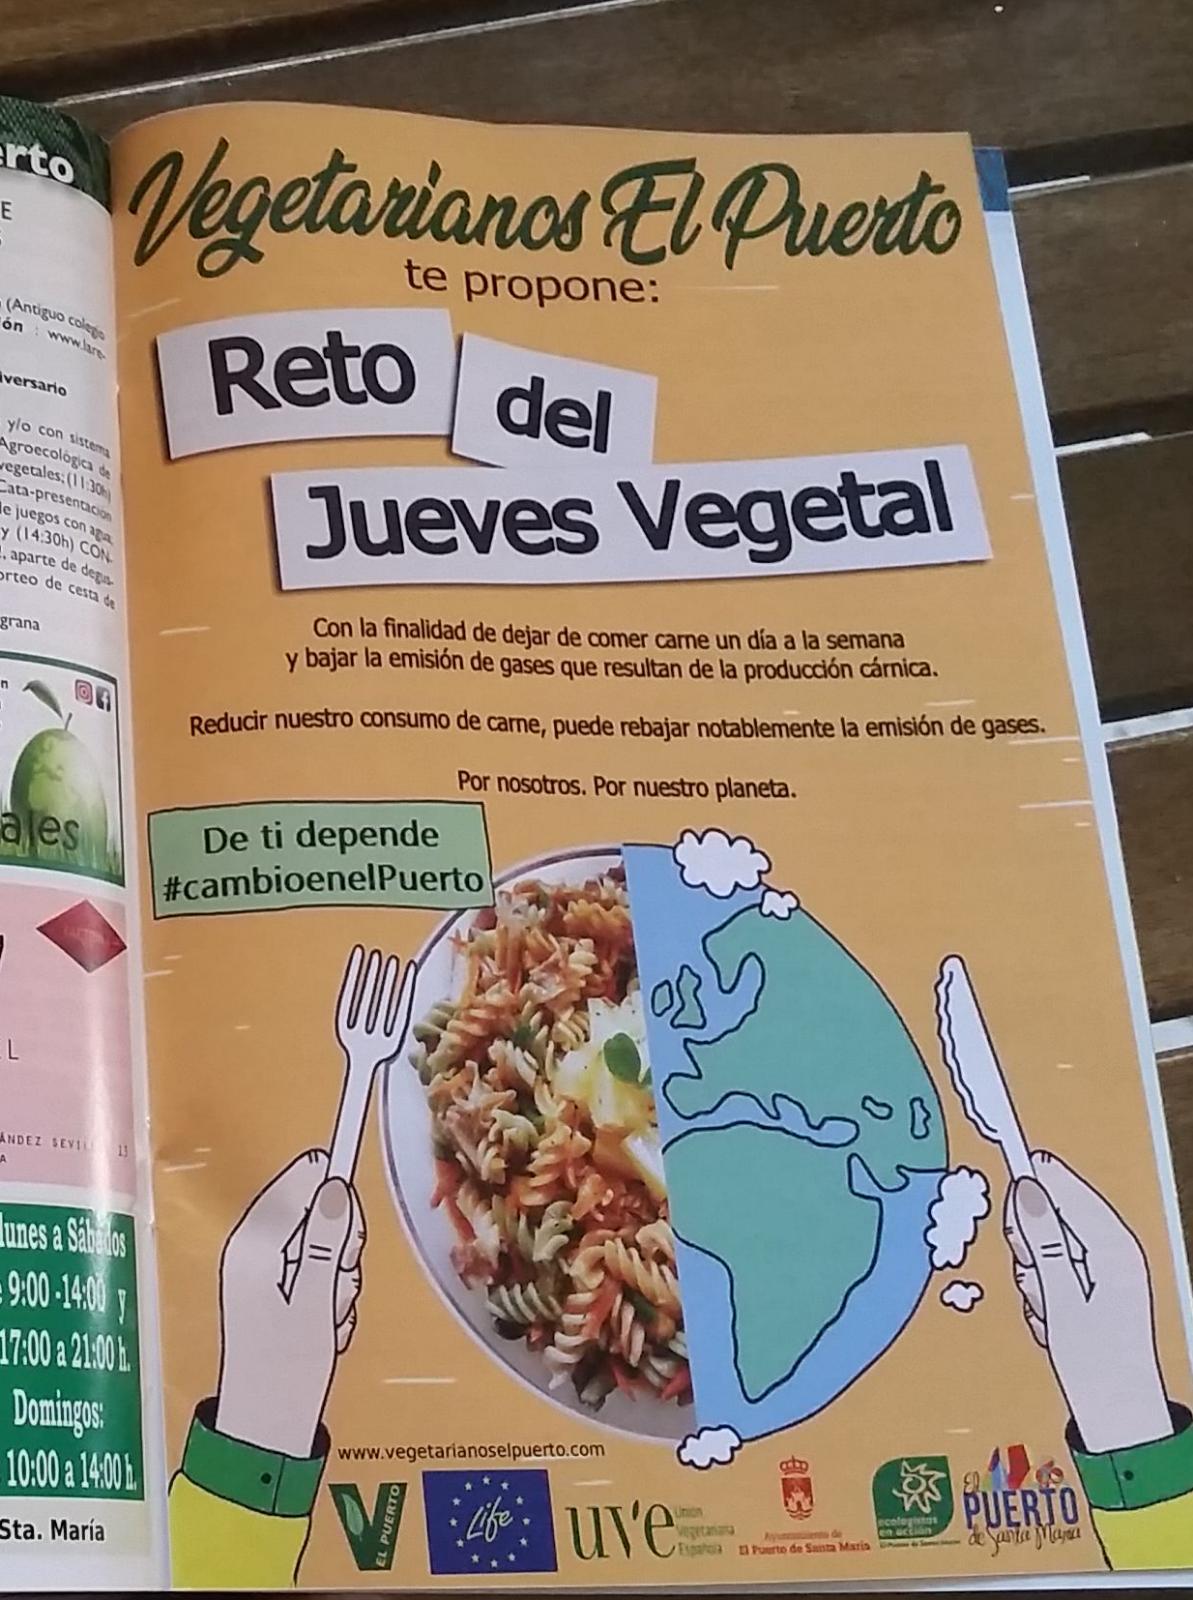 Jueves Vegetal – publicidad en El Boletin en marcha!